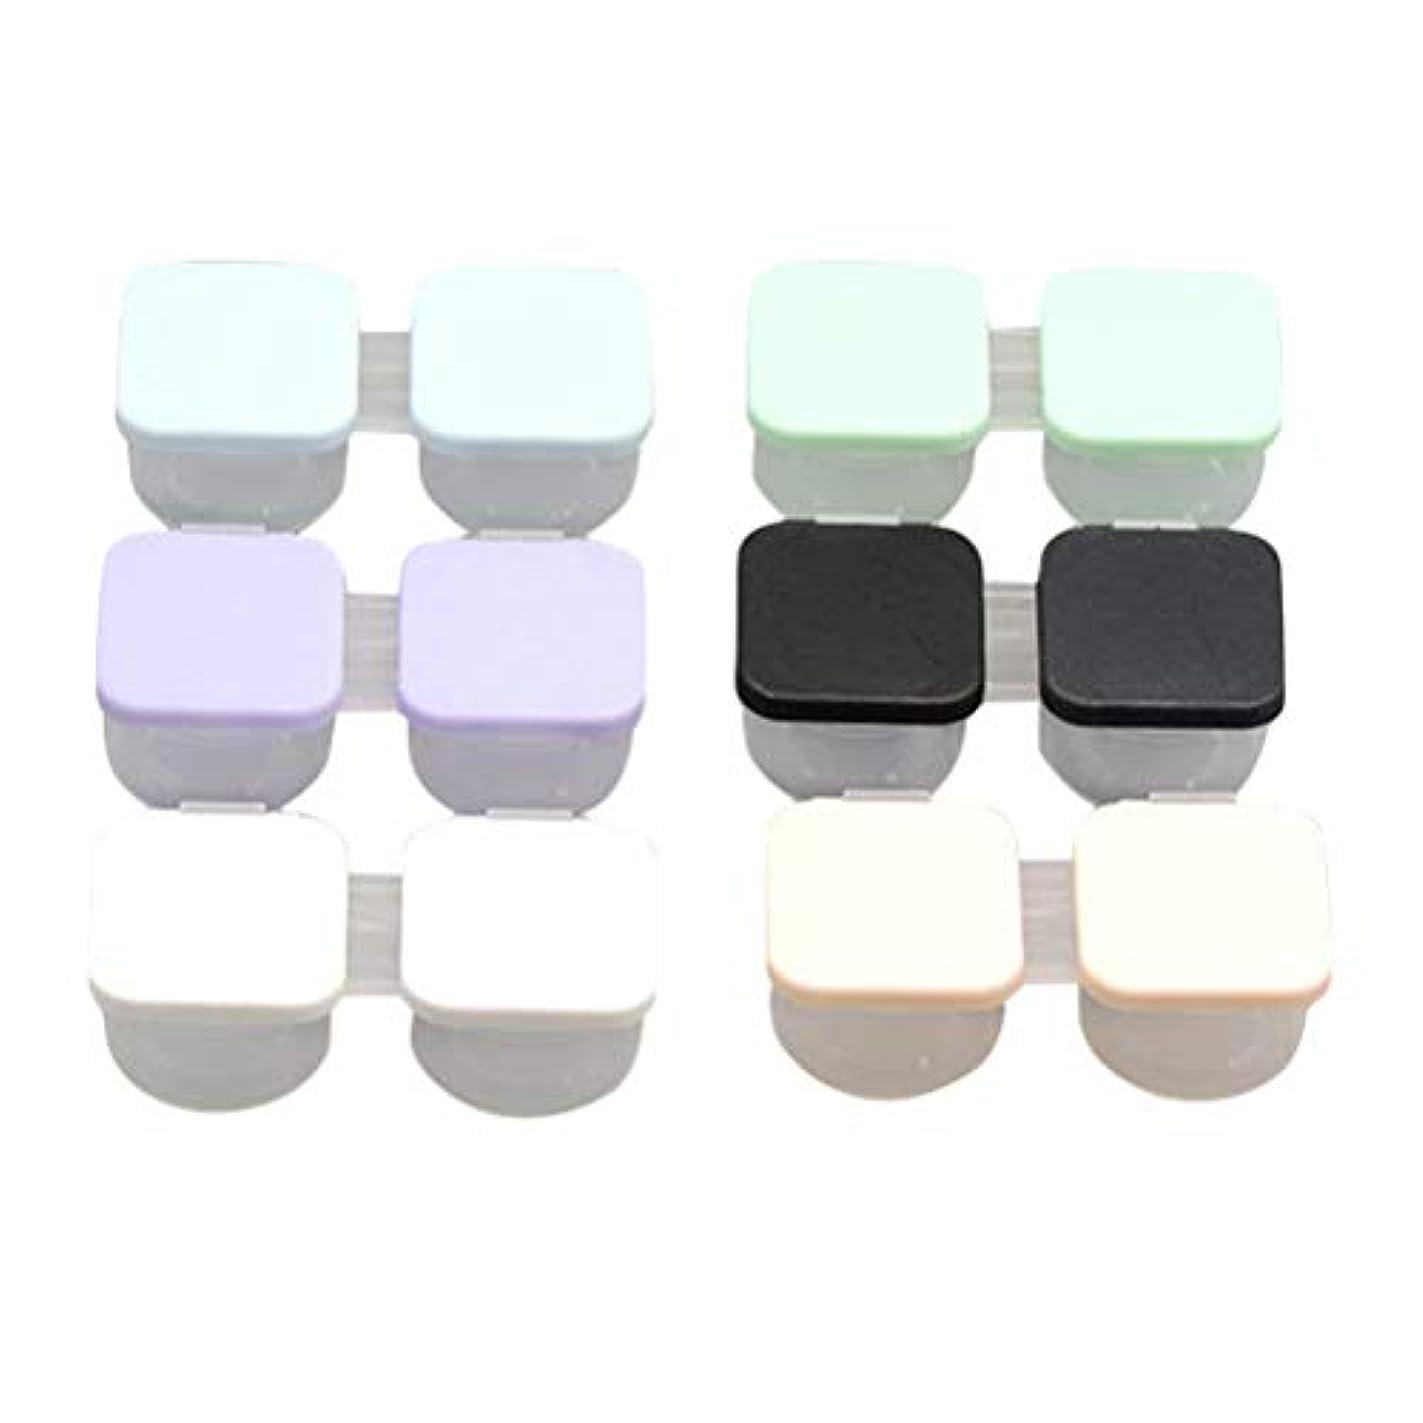 シーズンアルファベット移植SUPVOX コンタクトケース ケアパレット 保存ケース プラスチック製 軽量 安全6個入(混色)